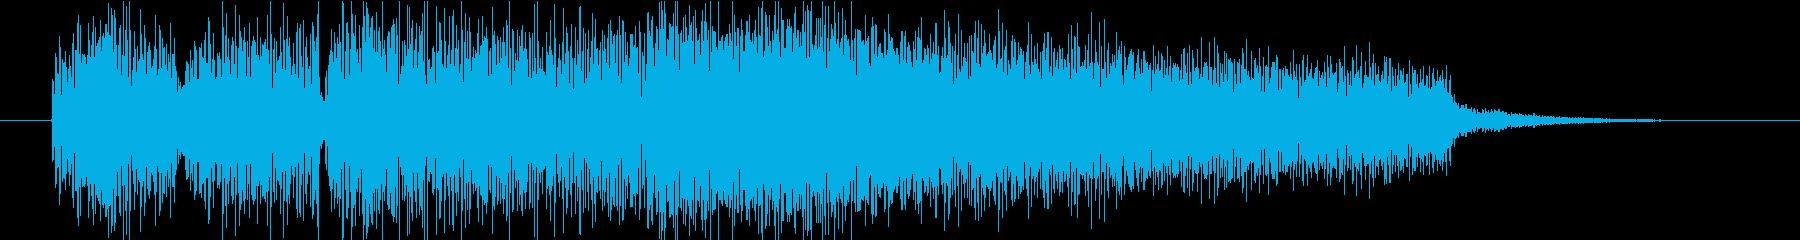 サウンドロゴ(エレキピアノ・しっとり)の再生済みの波形